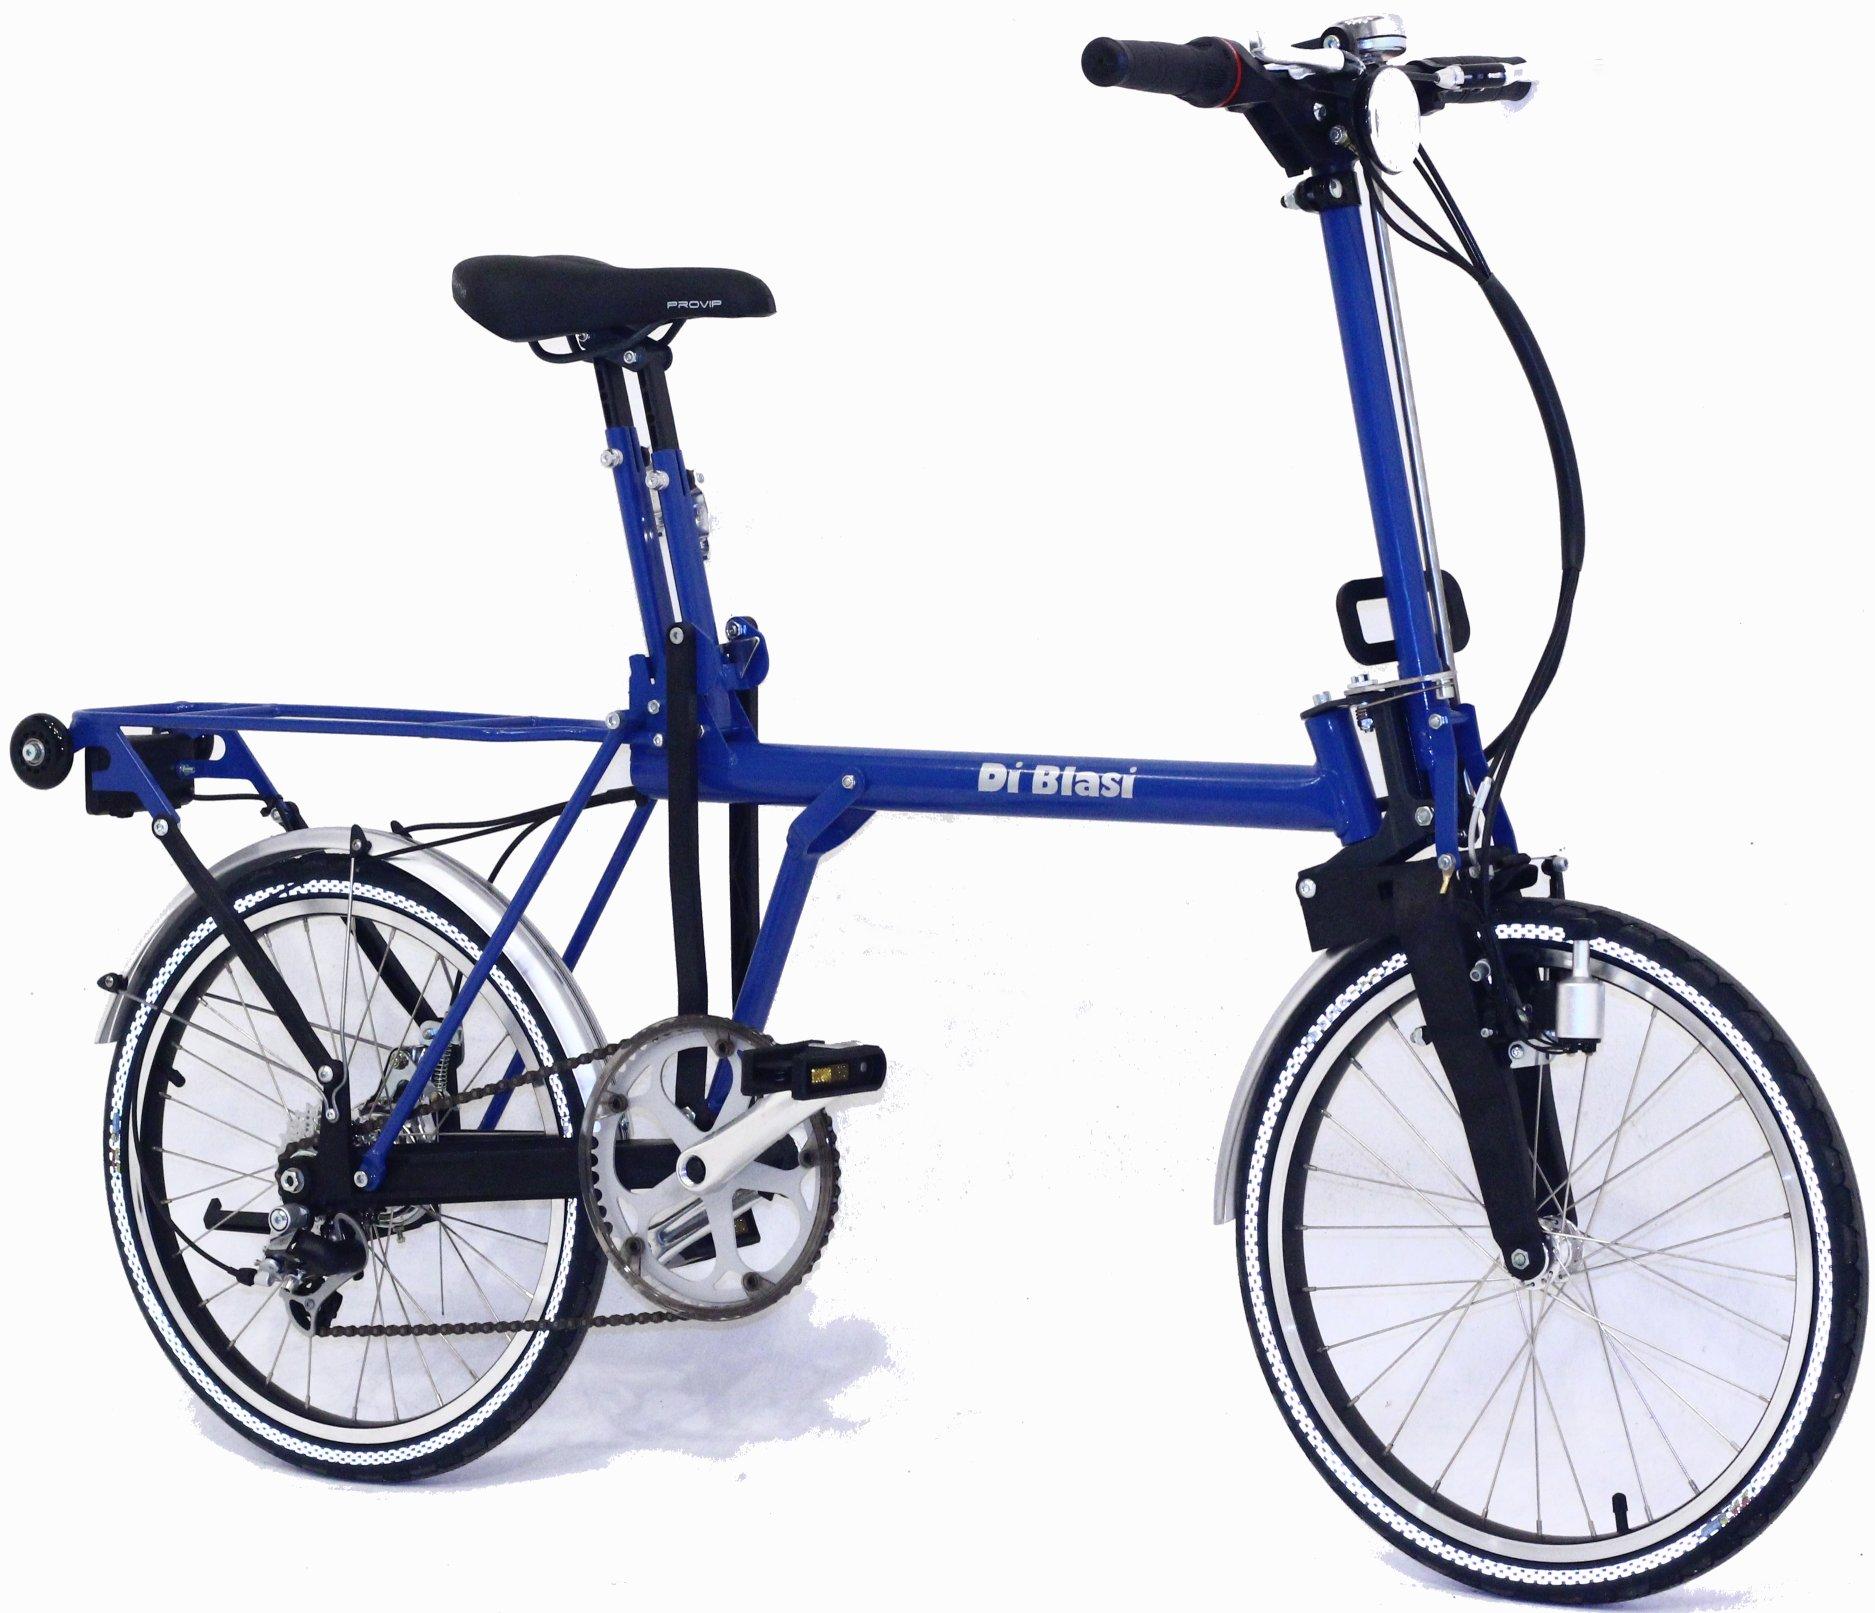 Di Blasi R22 Italian 7 Speed Folding Bicycle